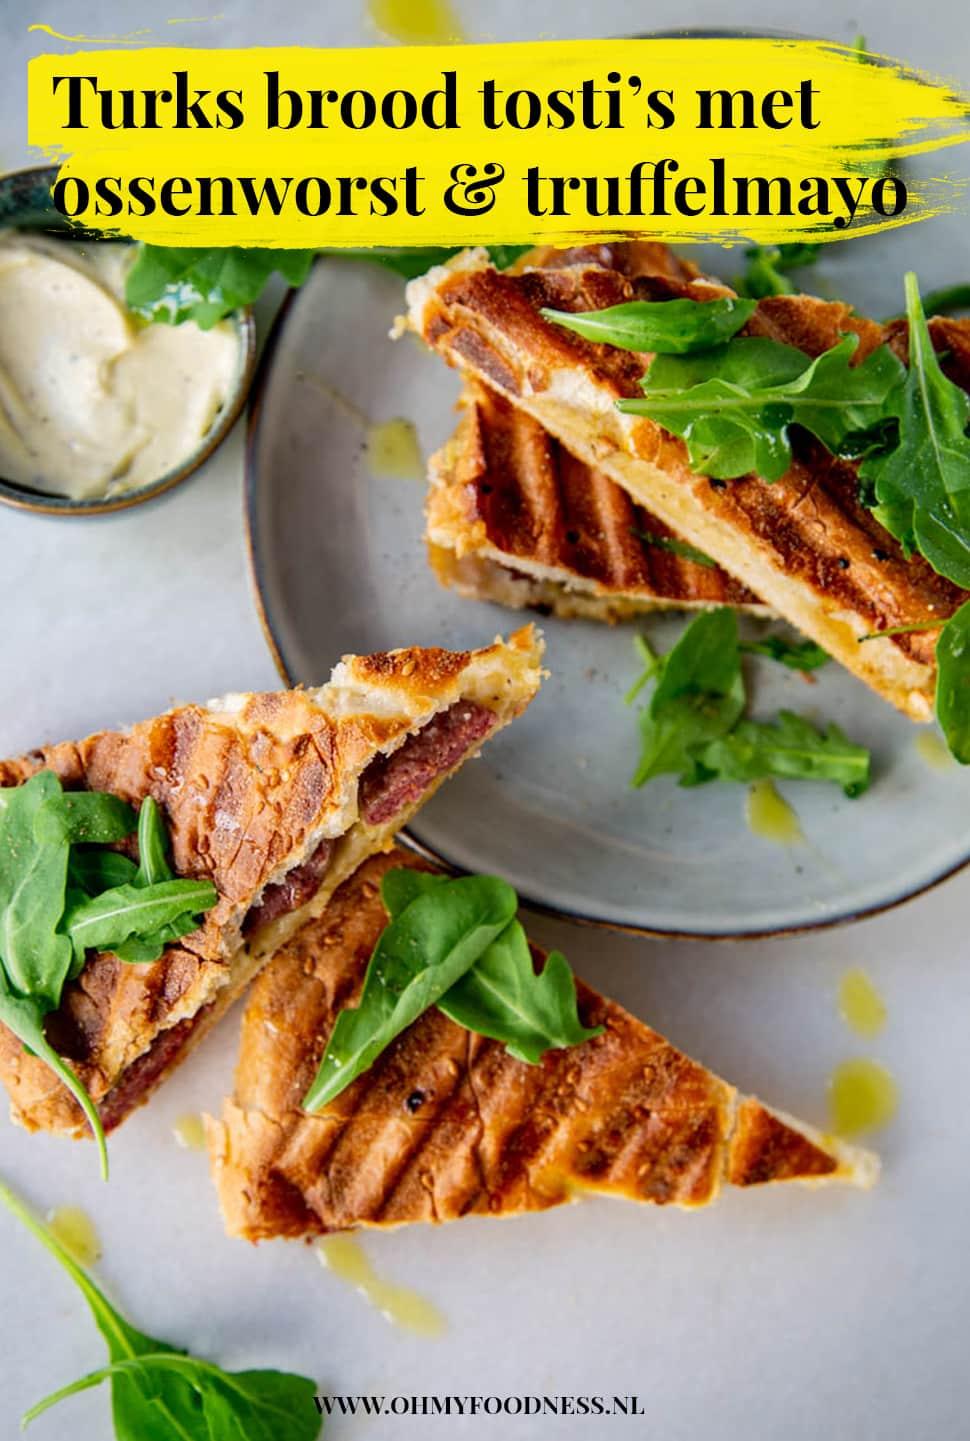 Turks brood tosti met ossenworst & truffelmayonaise